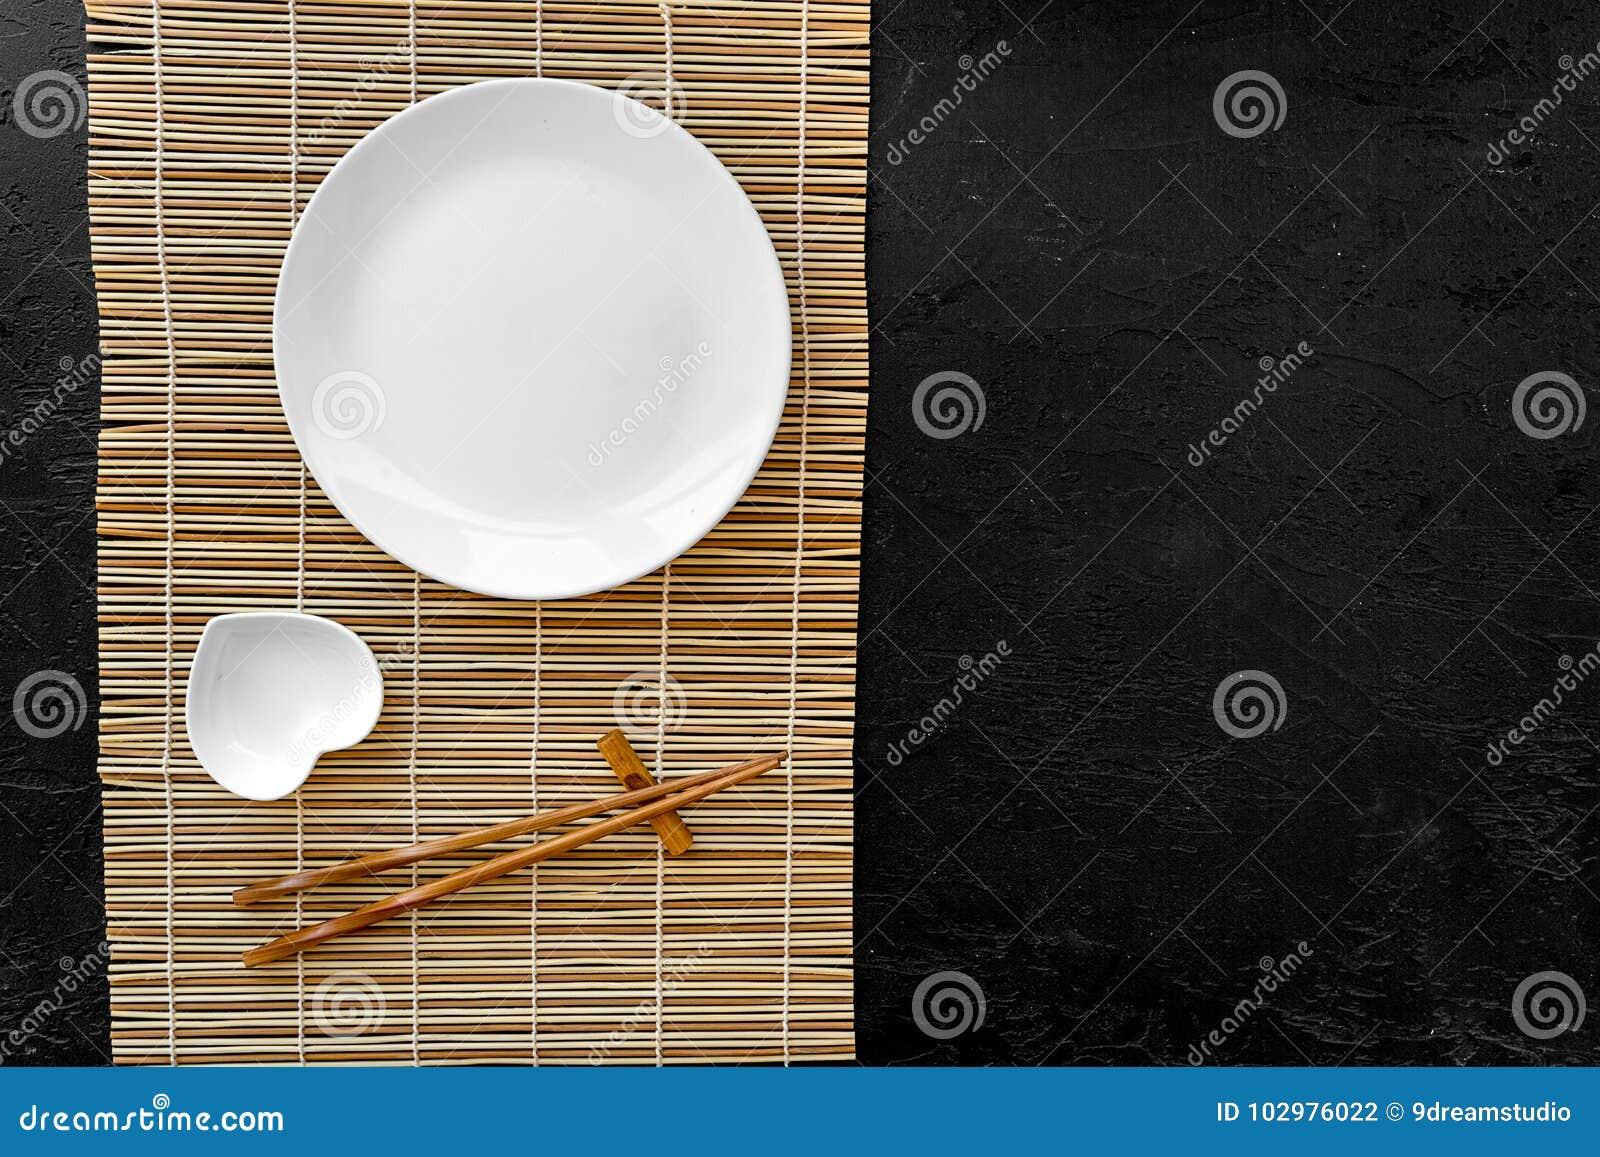 Сервировка стола для крена суш Пустая плита на циновке около палочки и шар для sause на черной столешнице осматривают copyspace